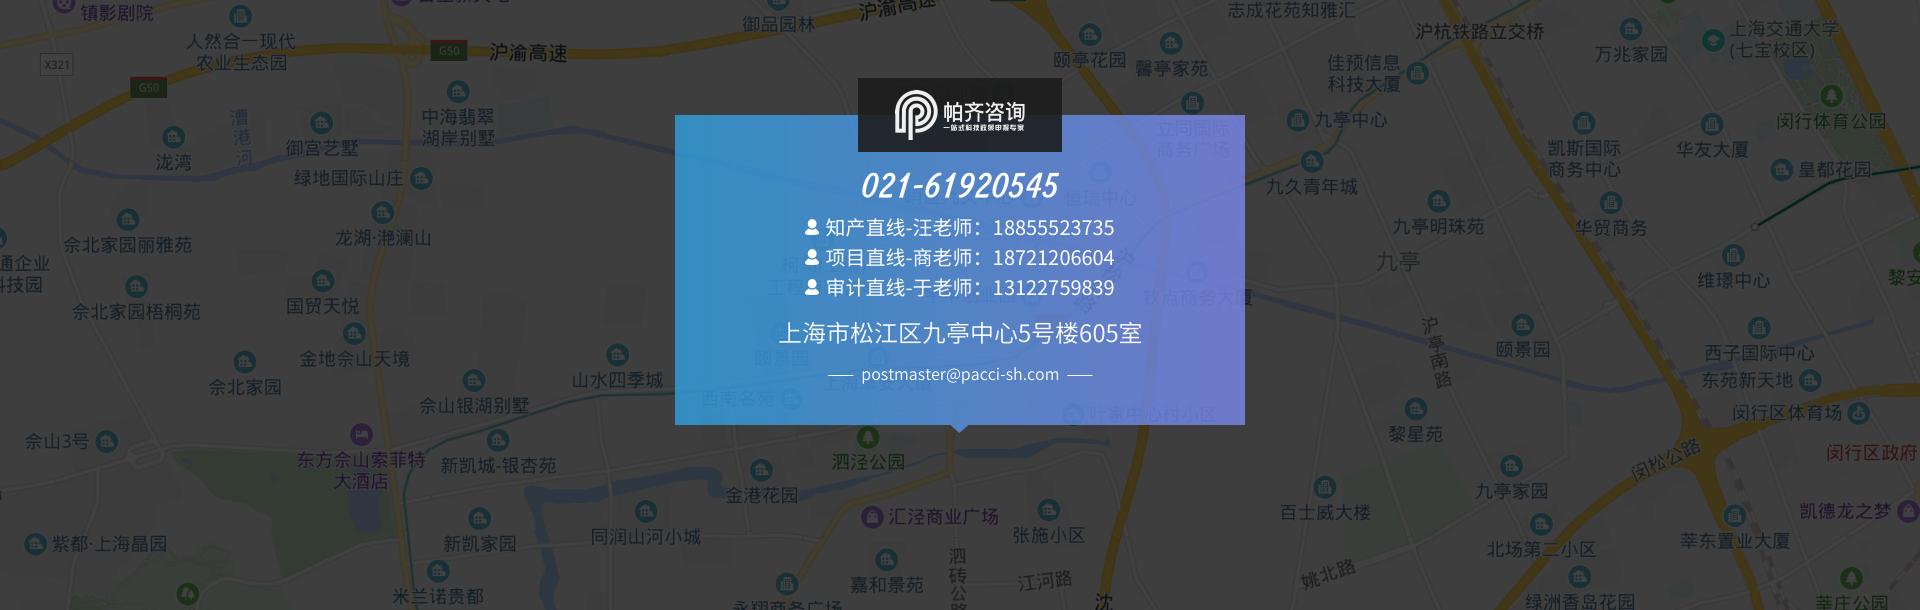 帕齐咨询公司地址及三位项目老师的联系方式